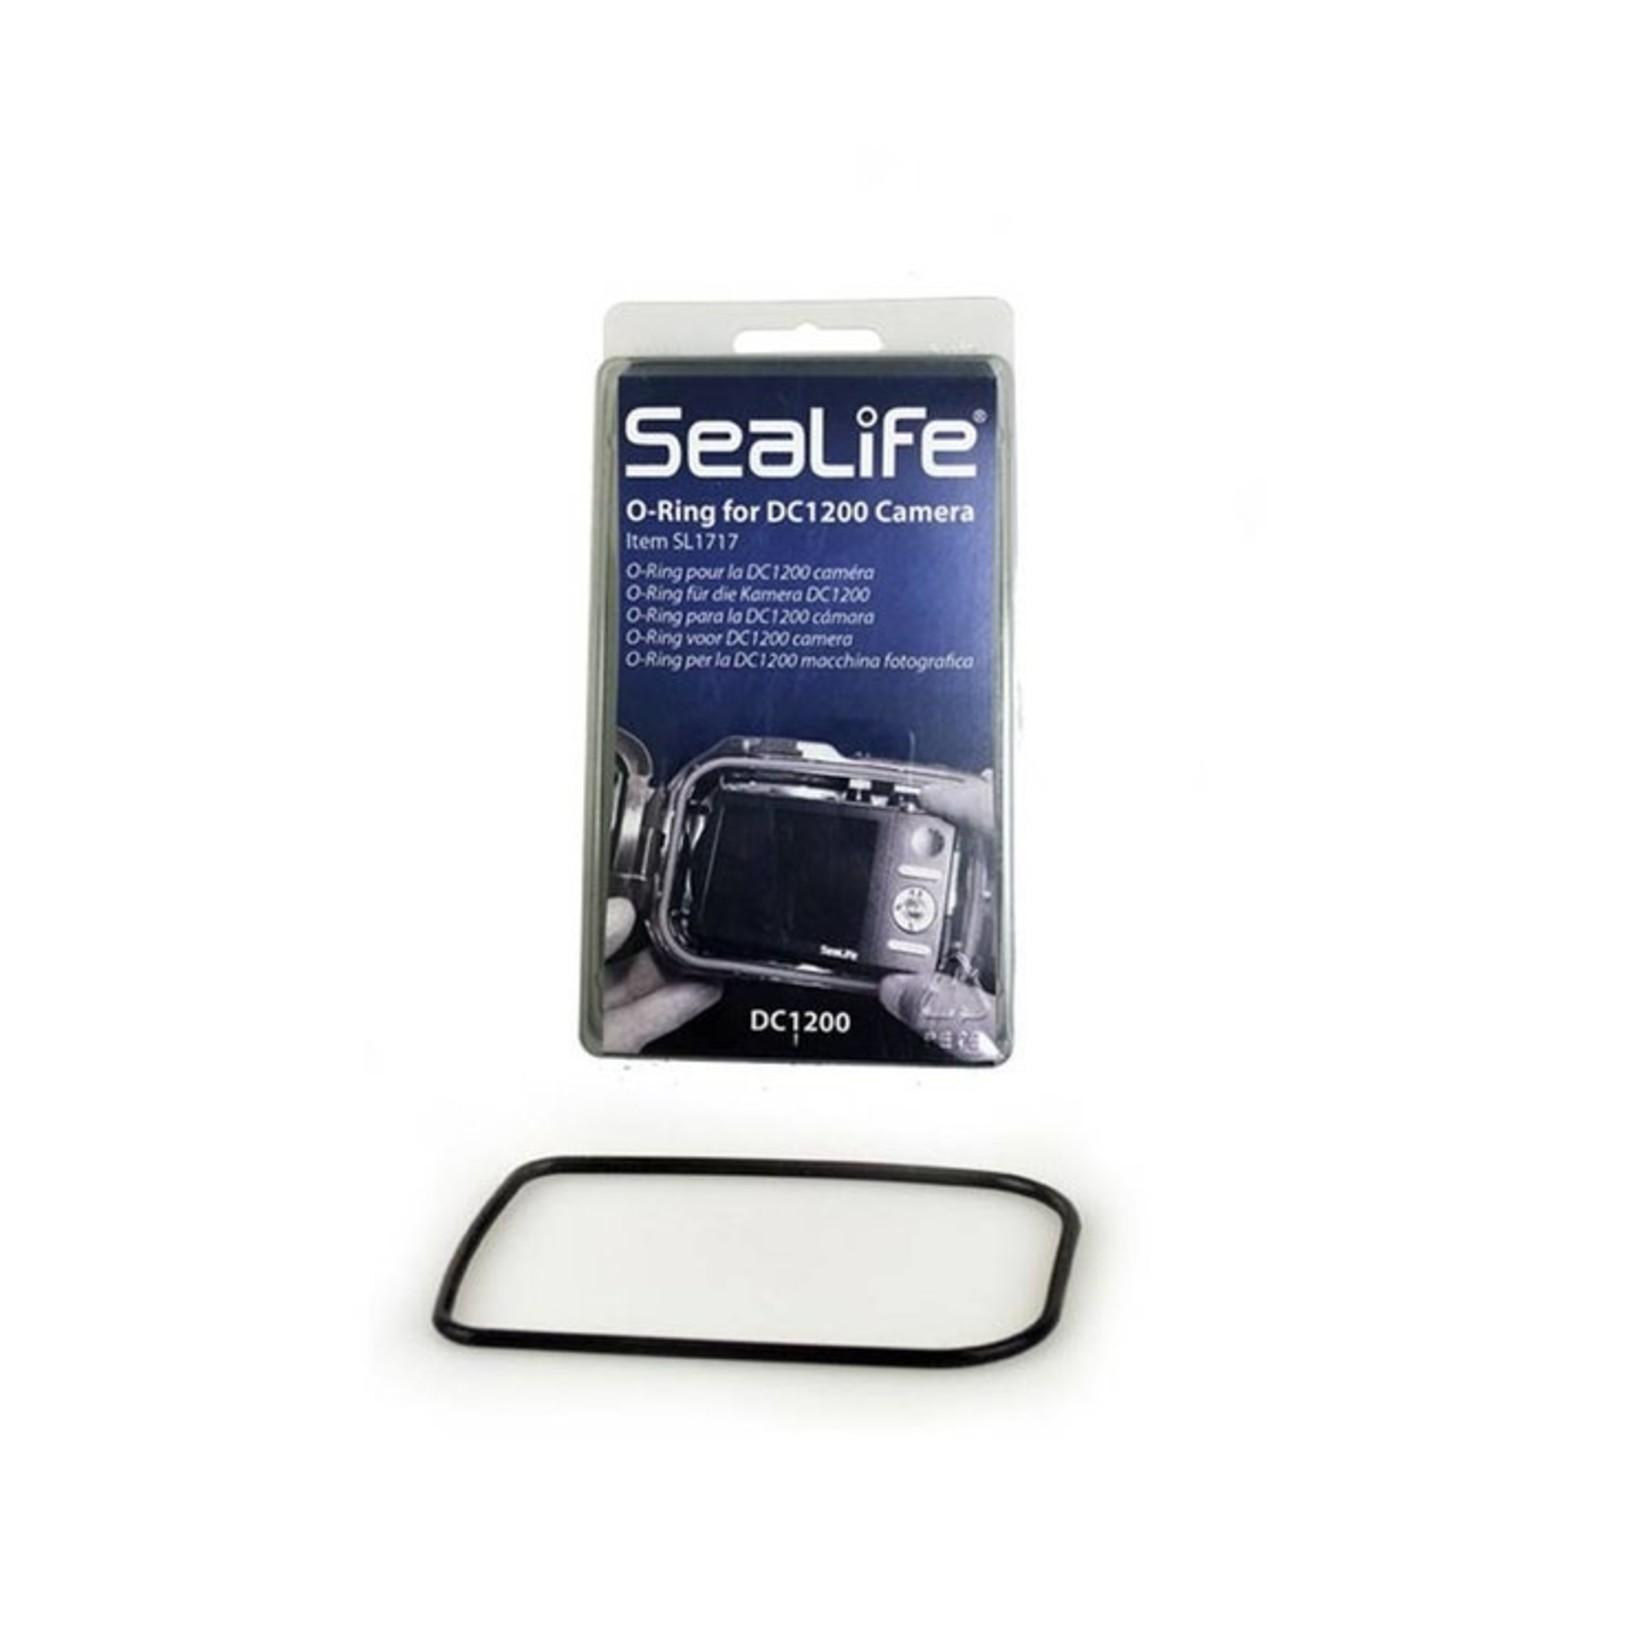 Sealife O-ring for DC1200 Housing